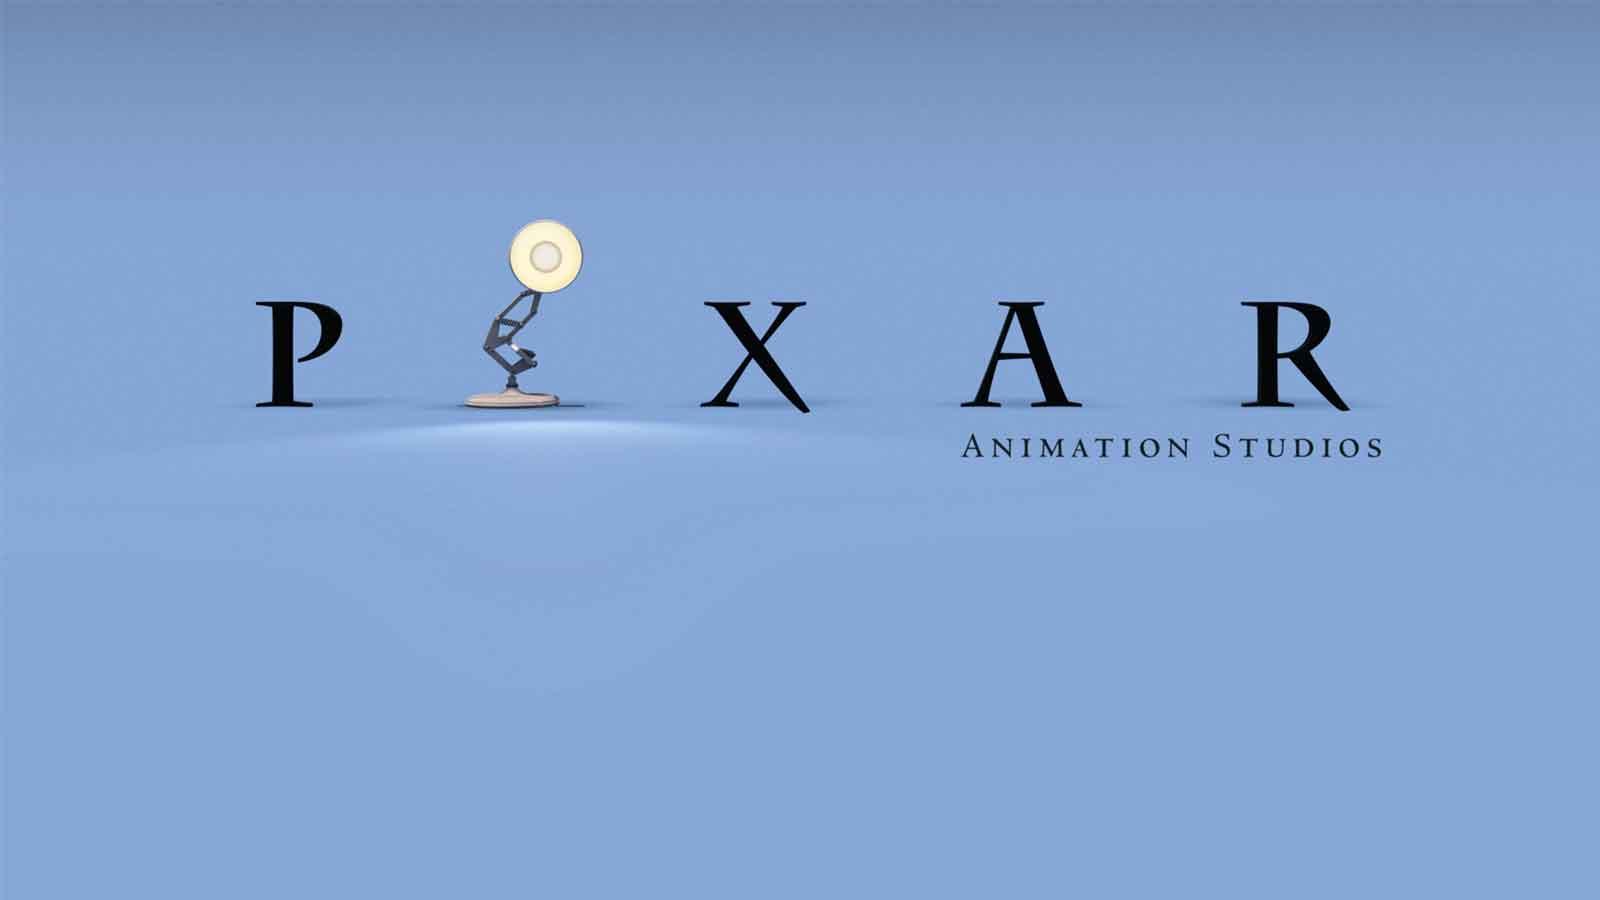 estudios de animacion pixar